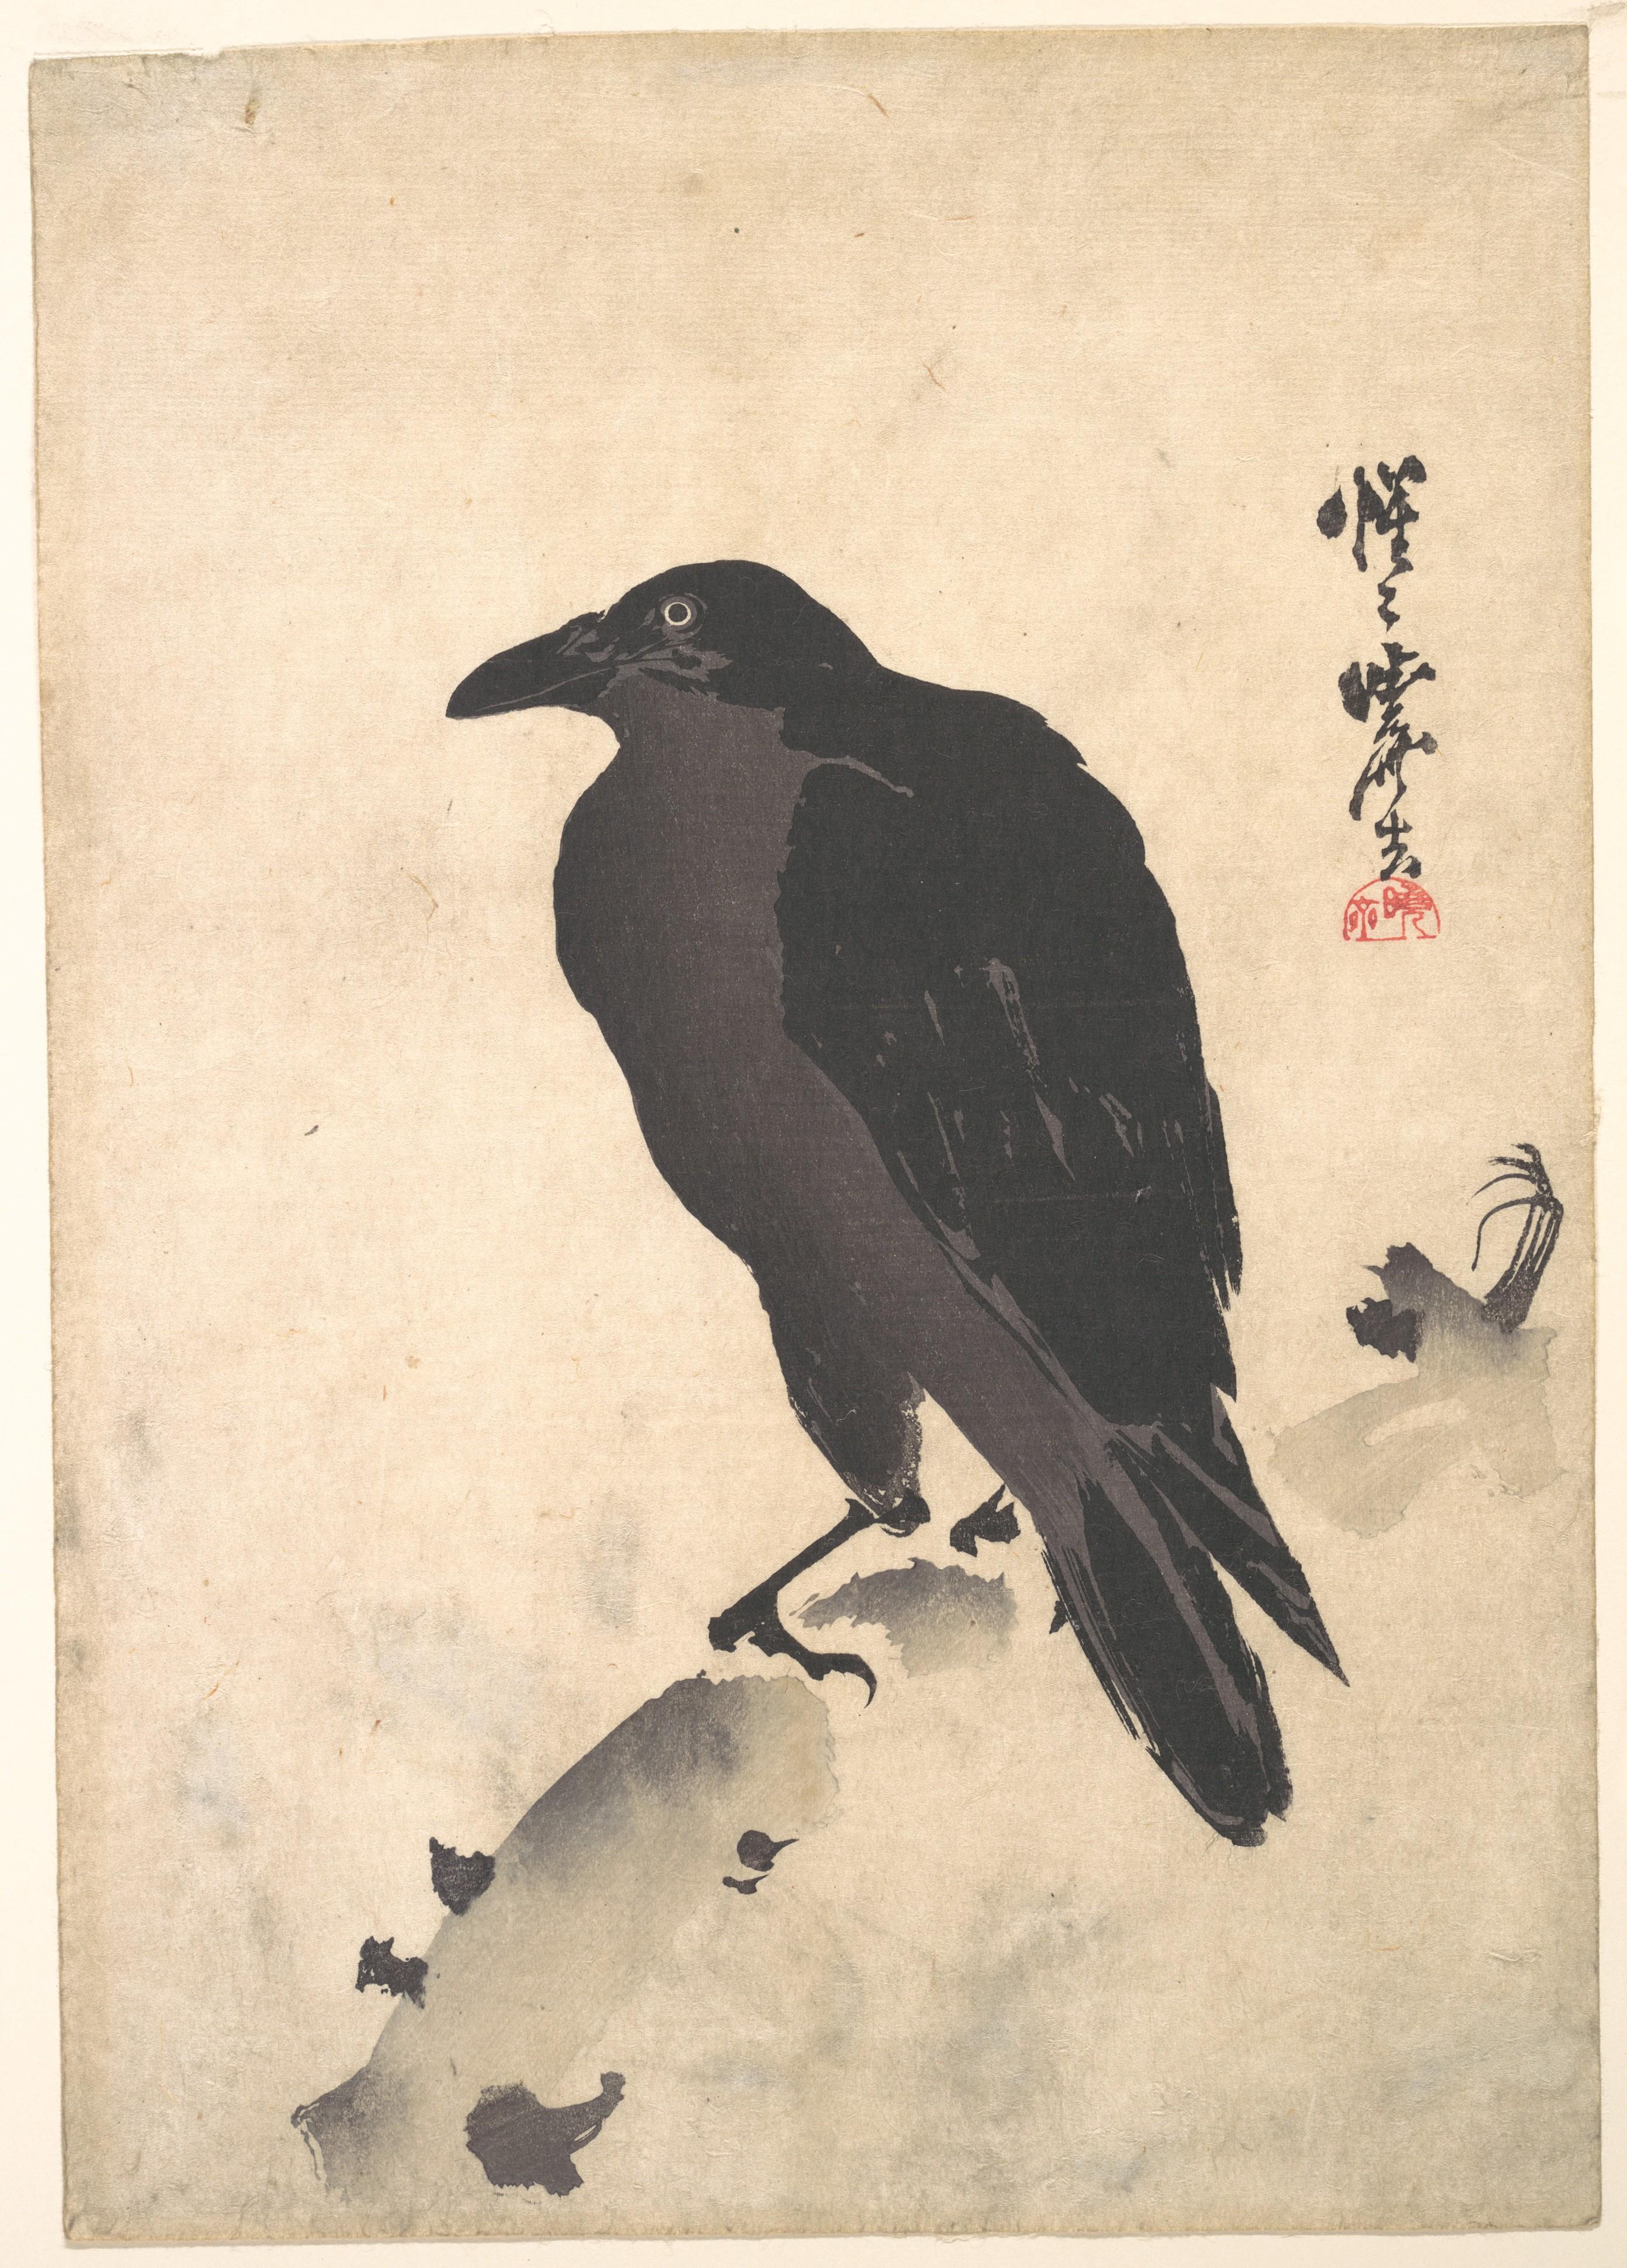 Kawanabe Kyōsai Crow Resting On Wood Trunk Japan The Met